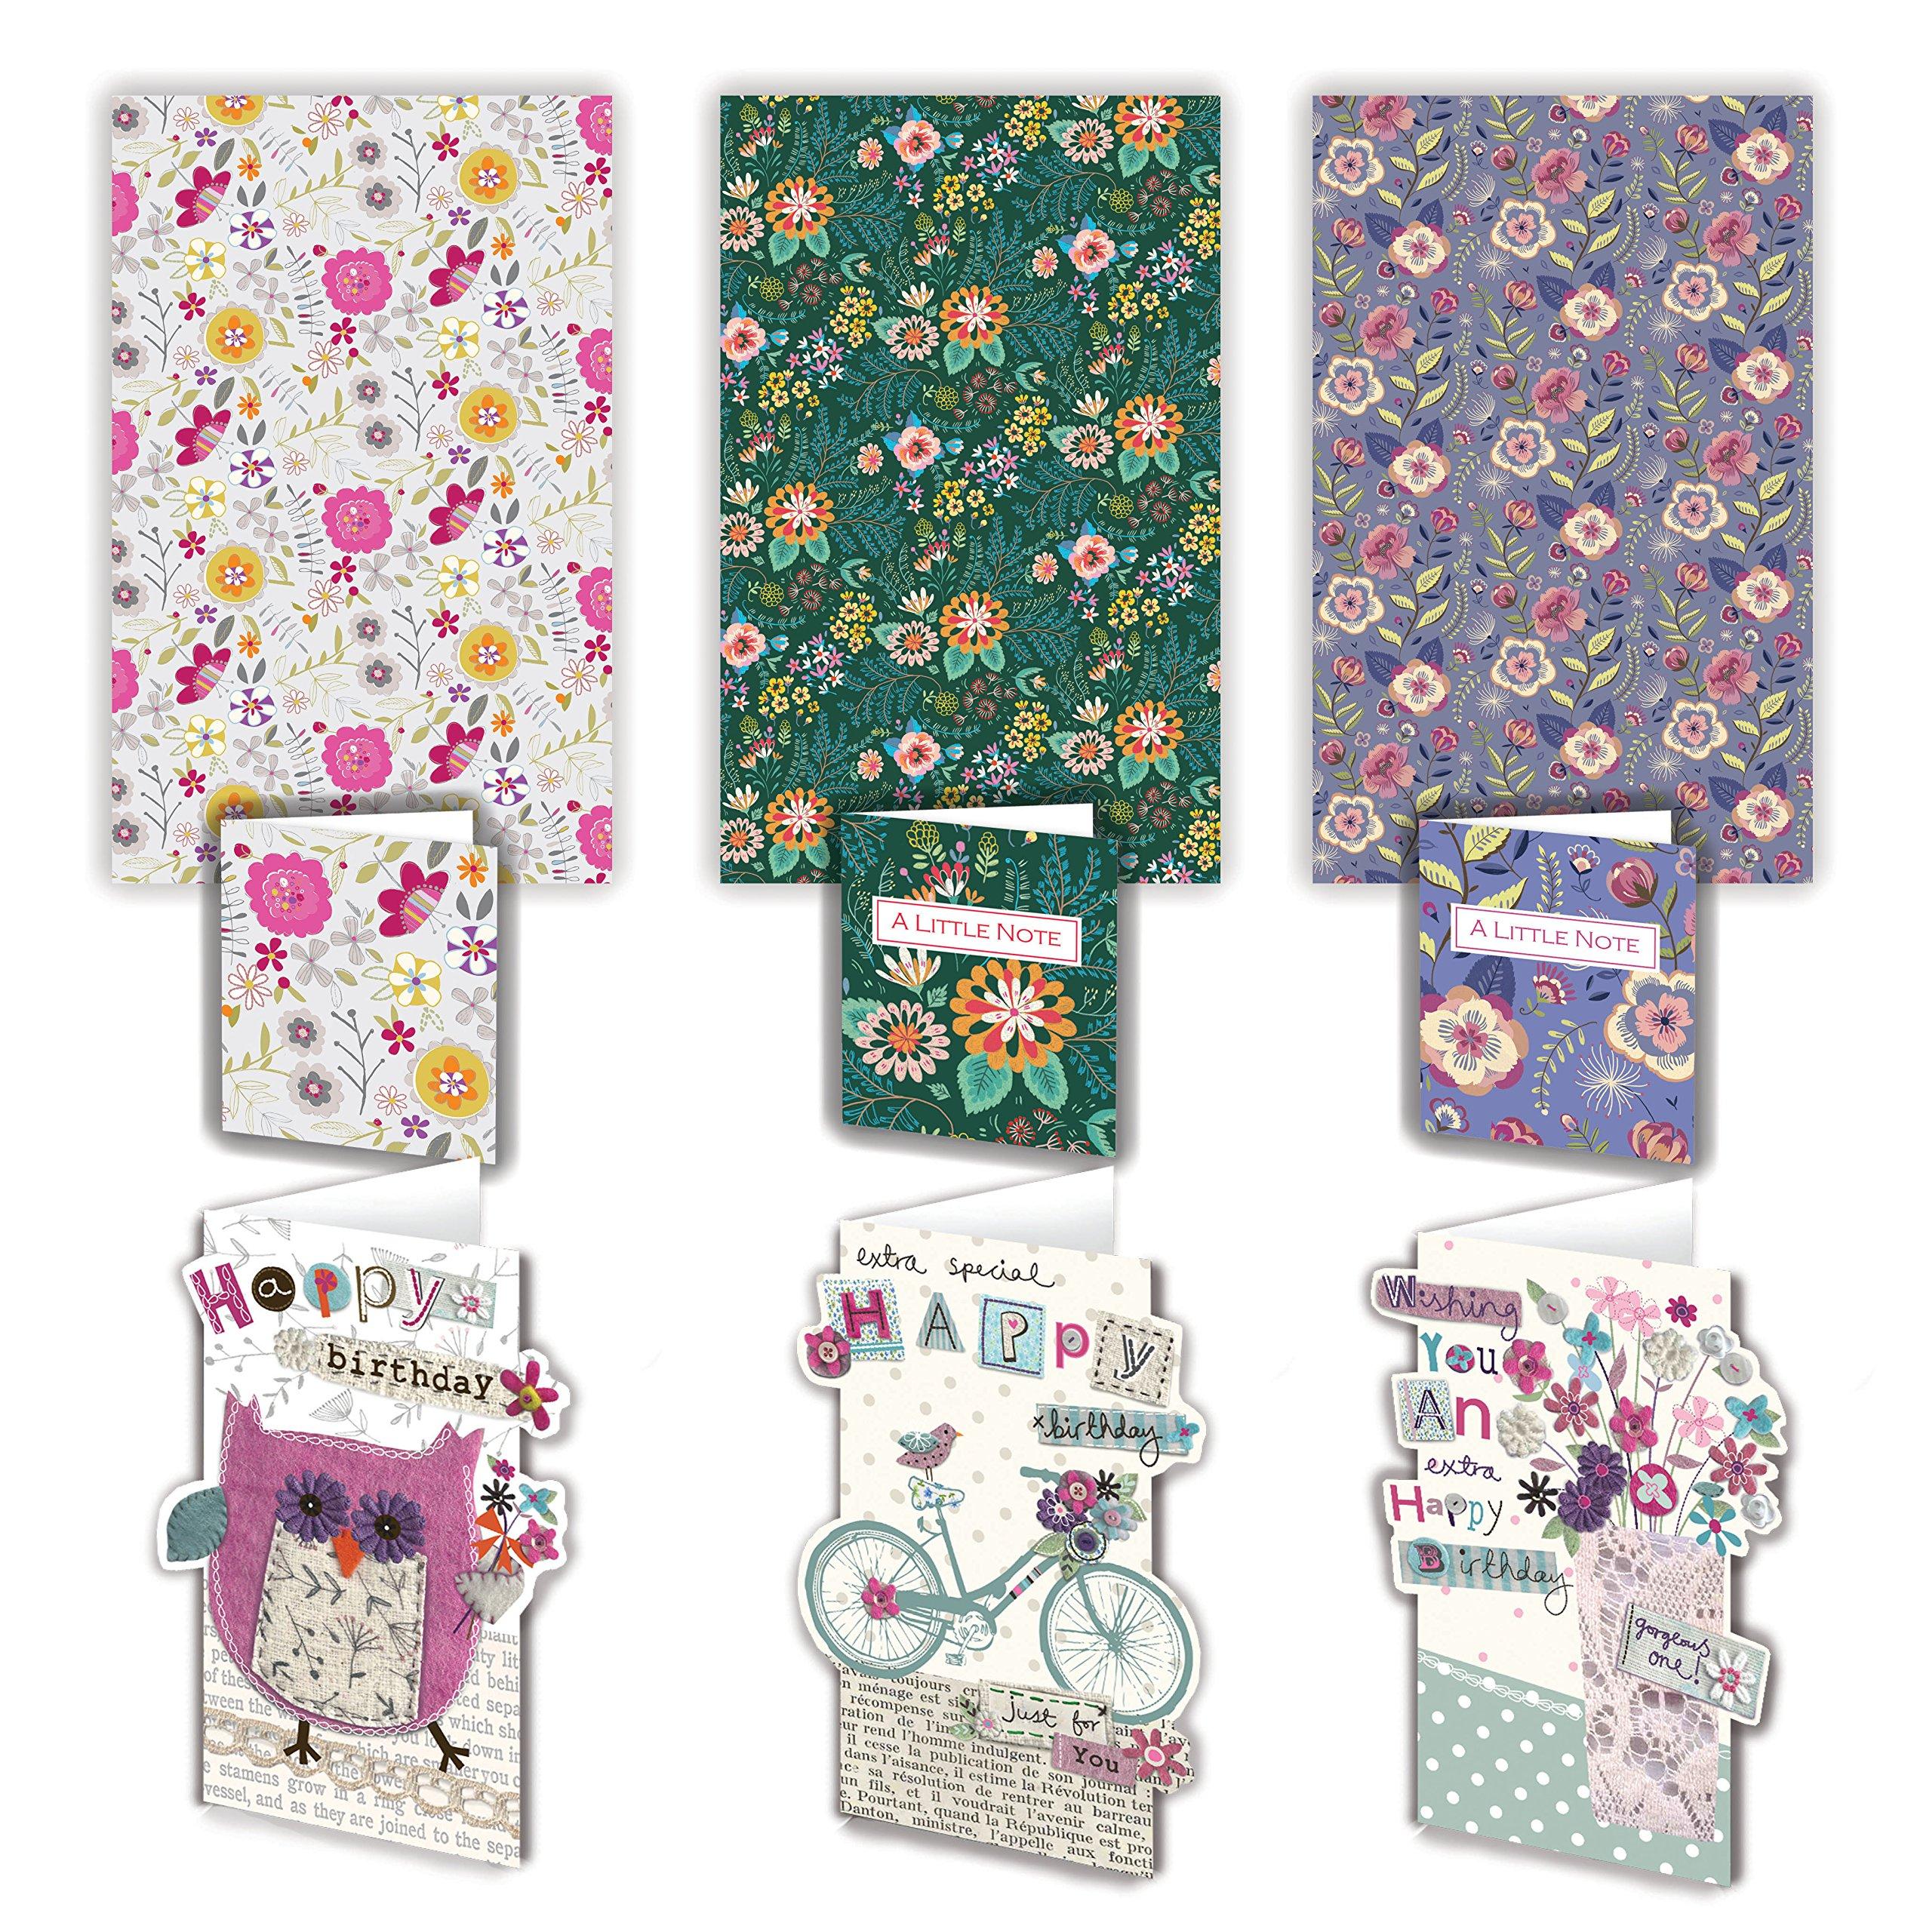 Lujo parachoques Pack de tarjetas y regalos para Mujeres – 3 hojas con tarjeta de cumpleaños y a juego Mini tarjeta etiquetas de regalo: Amazon.es: Oficina y papelería